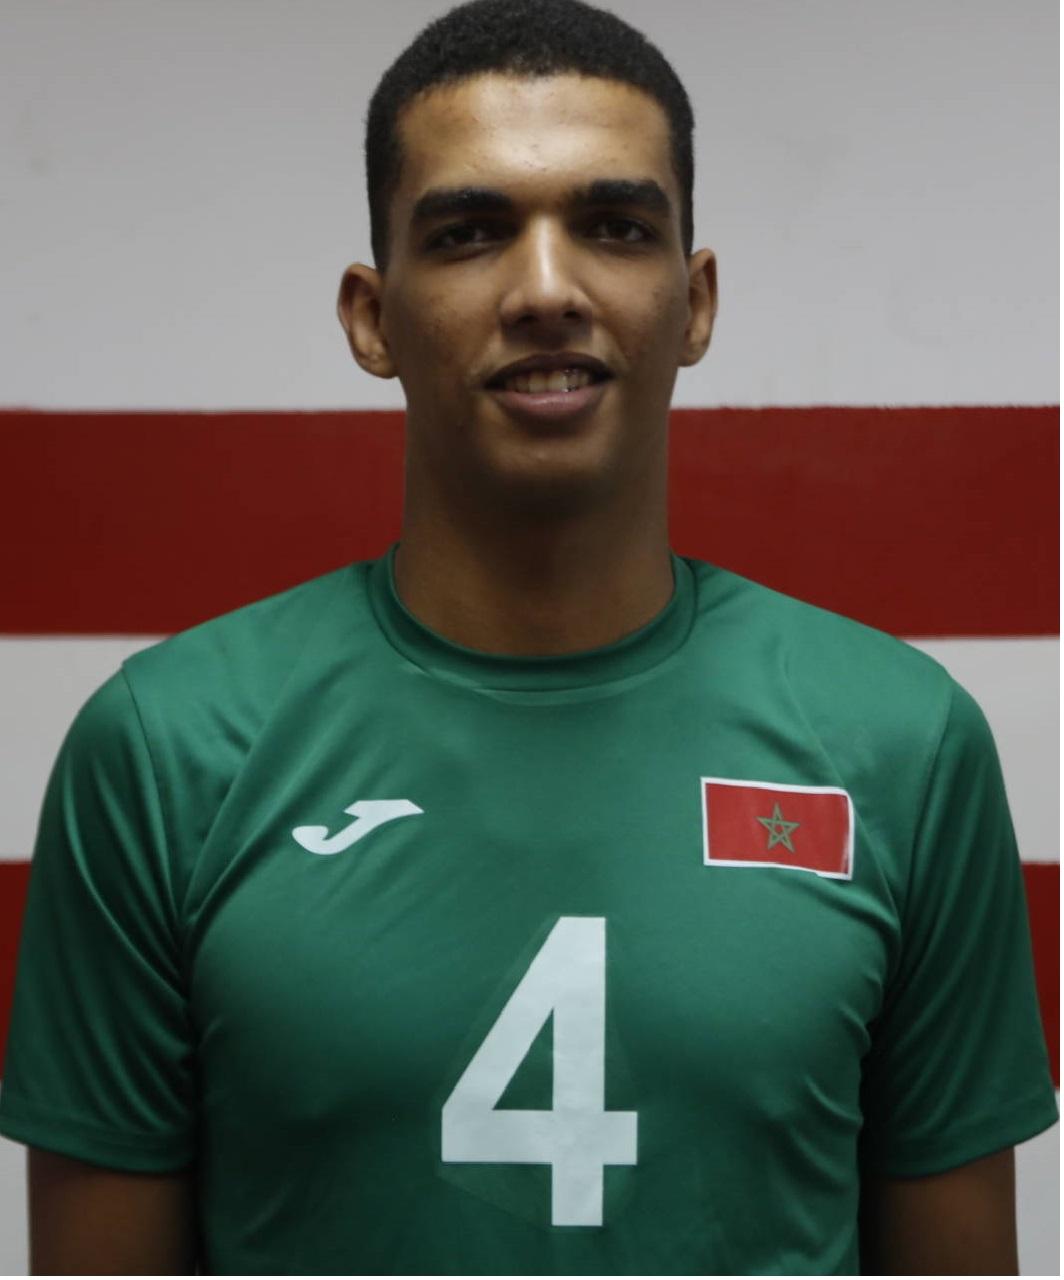 Saad Marchoud